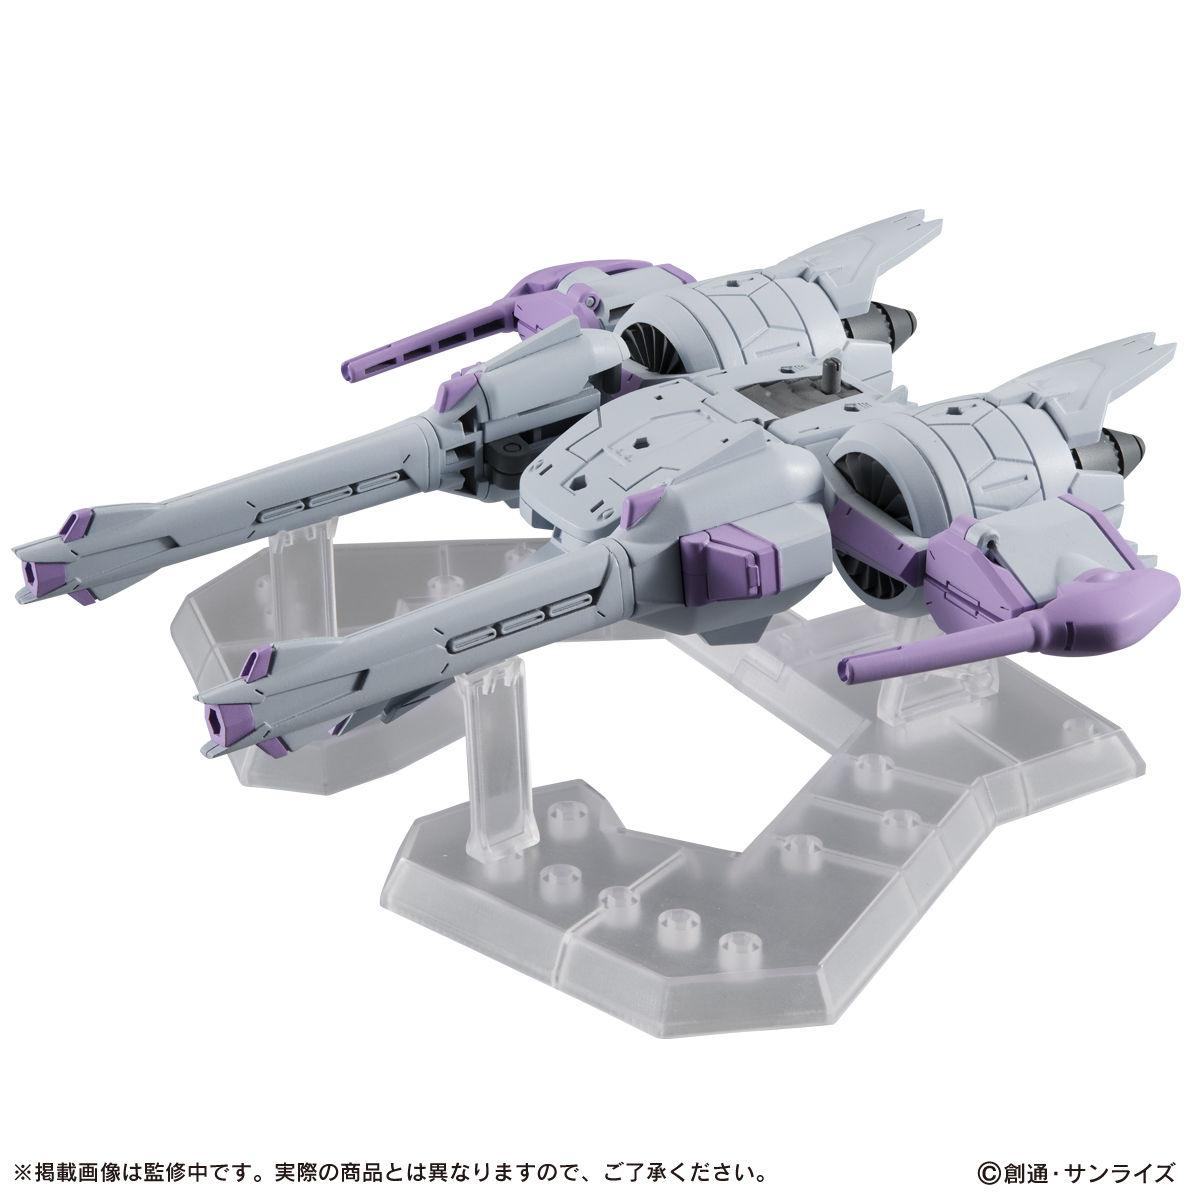 【限定販売】MOBILE SUIT ENSEMBLE『EX14A フリーダムガンダム』機動戦士ガンダムSEED 可動フィギュア-009